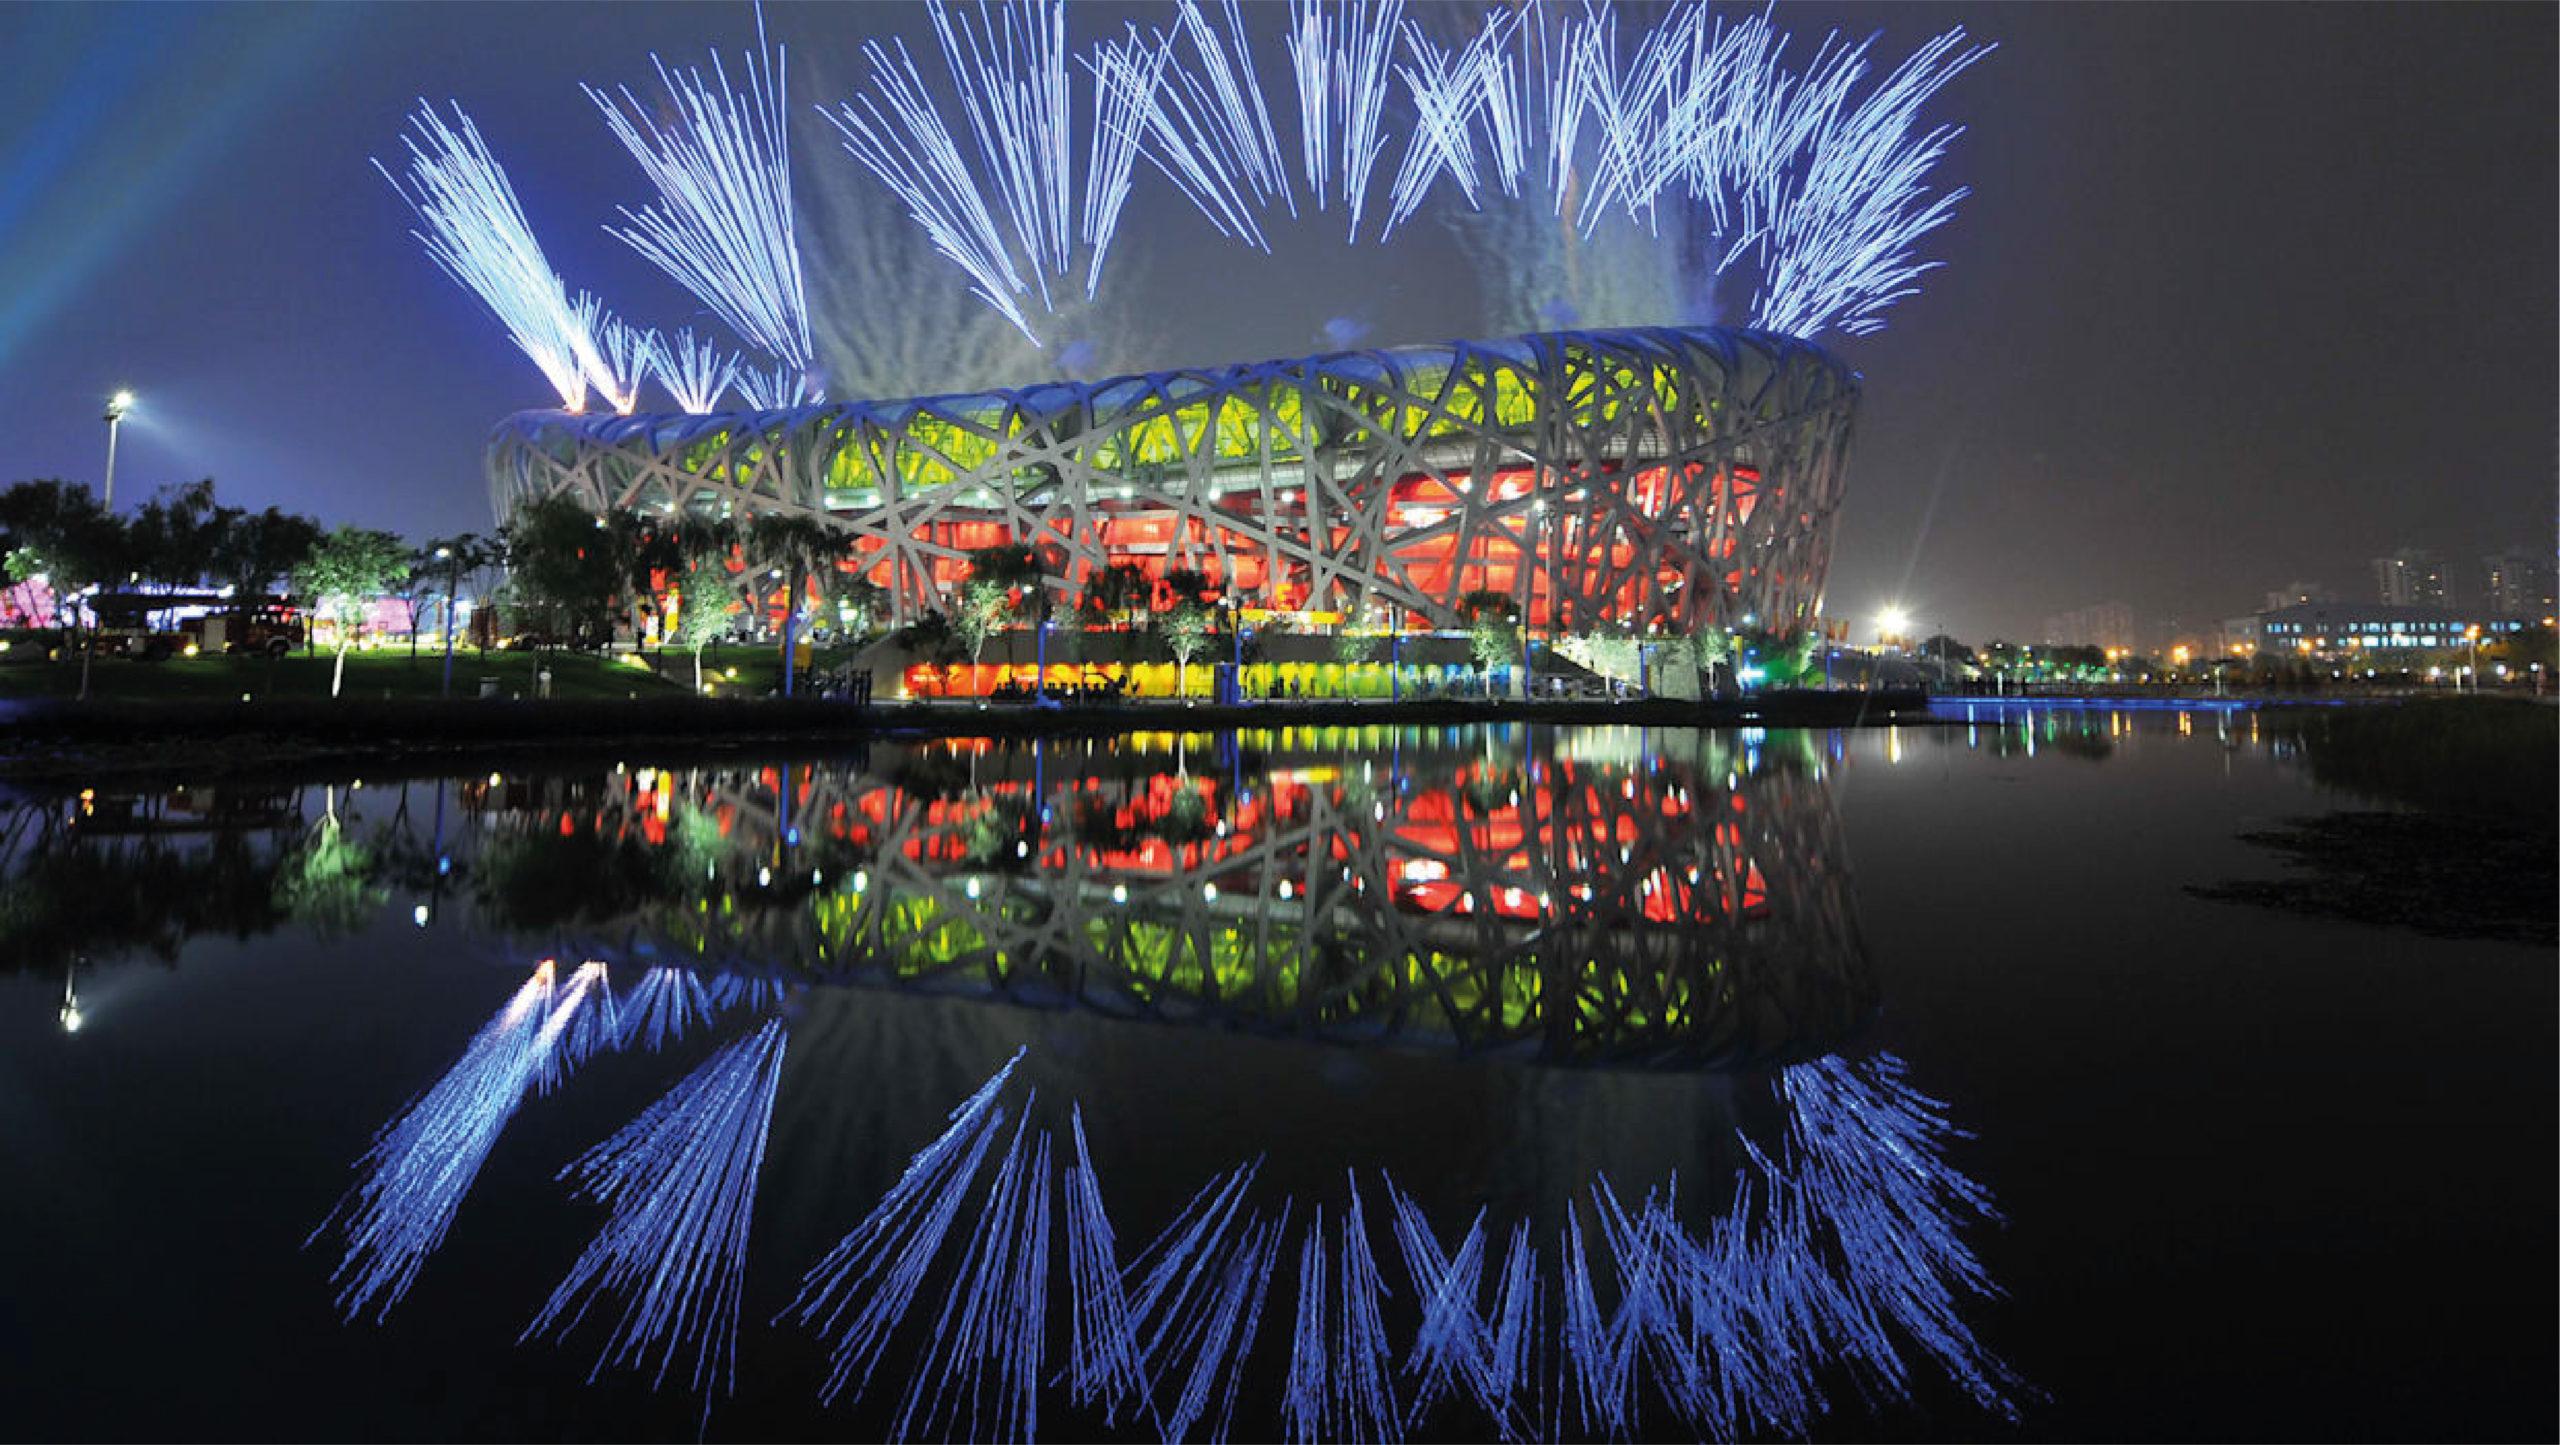 Organizadores de Juegos Olímpicos de Pekín 2022 analizan aforo en pruebas